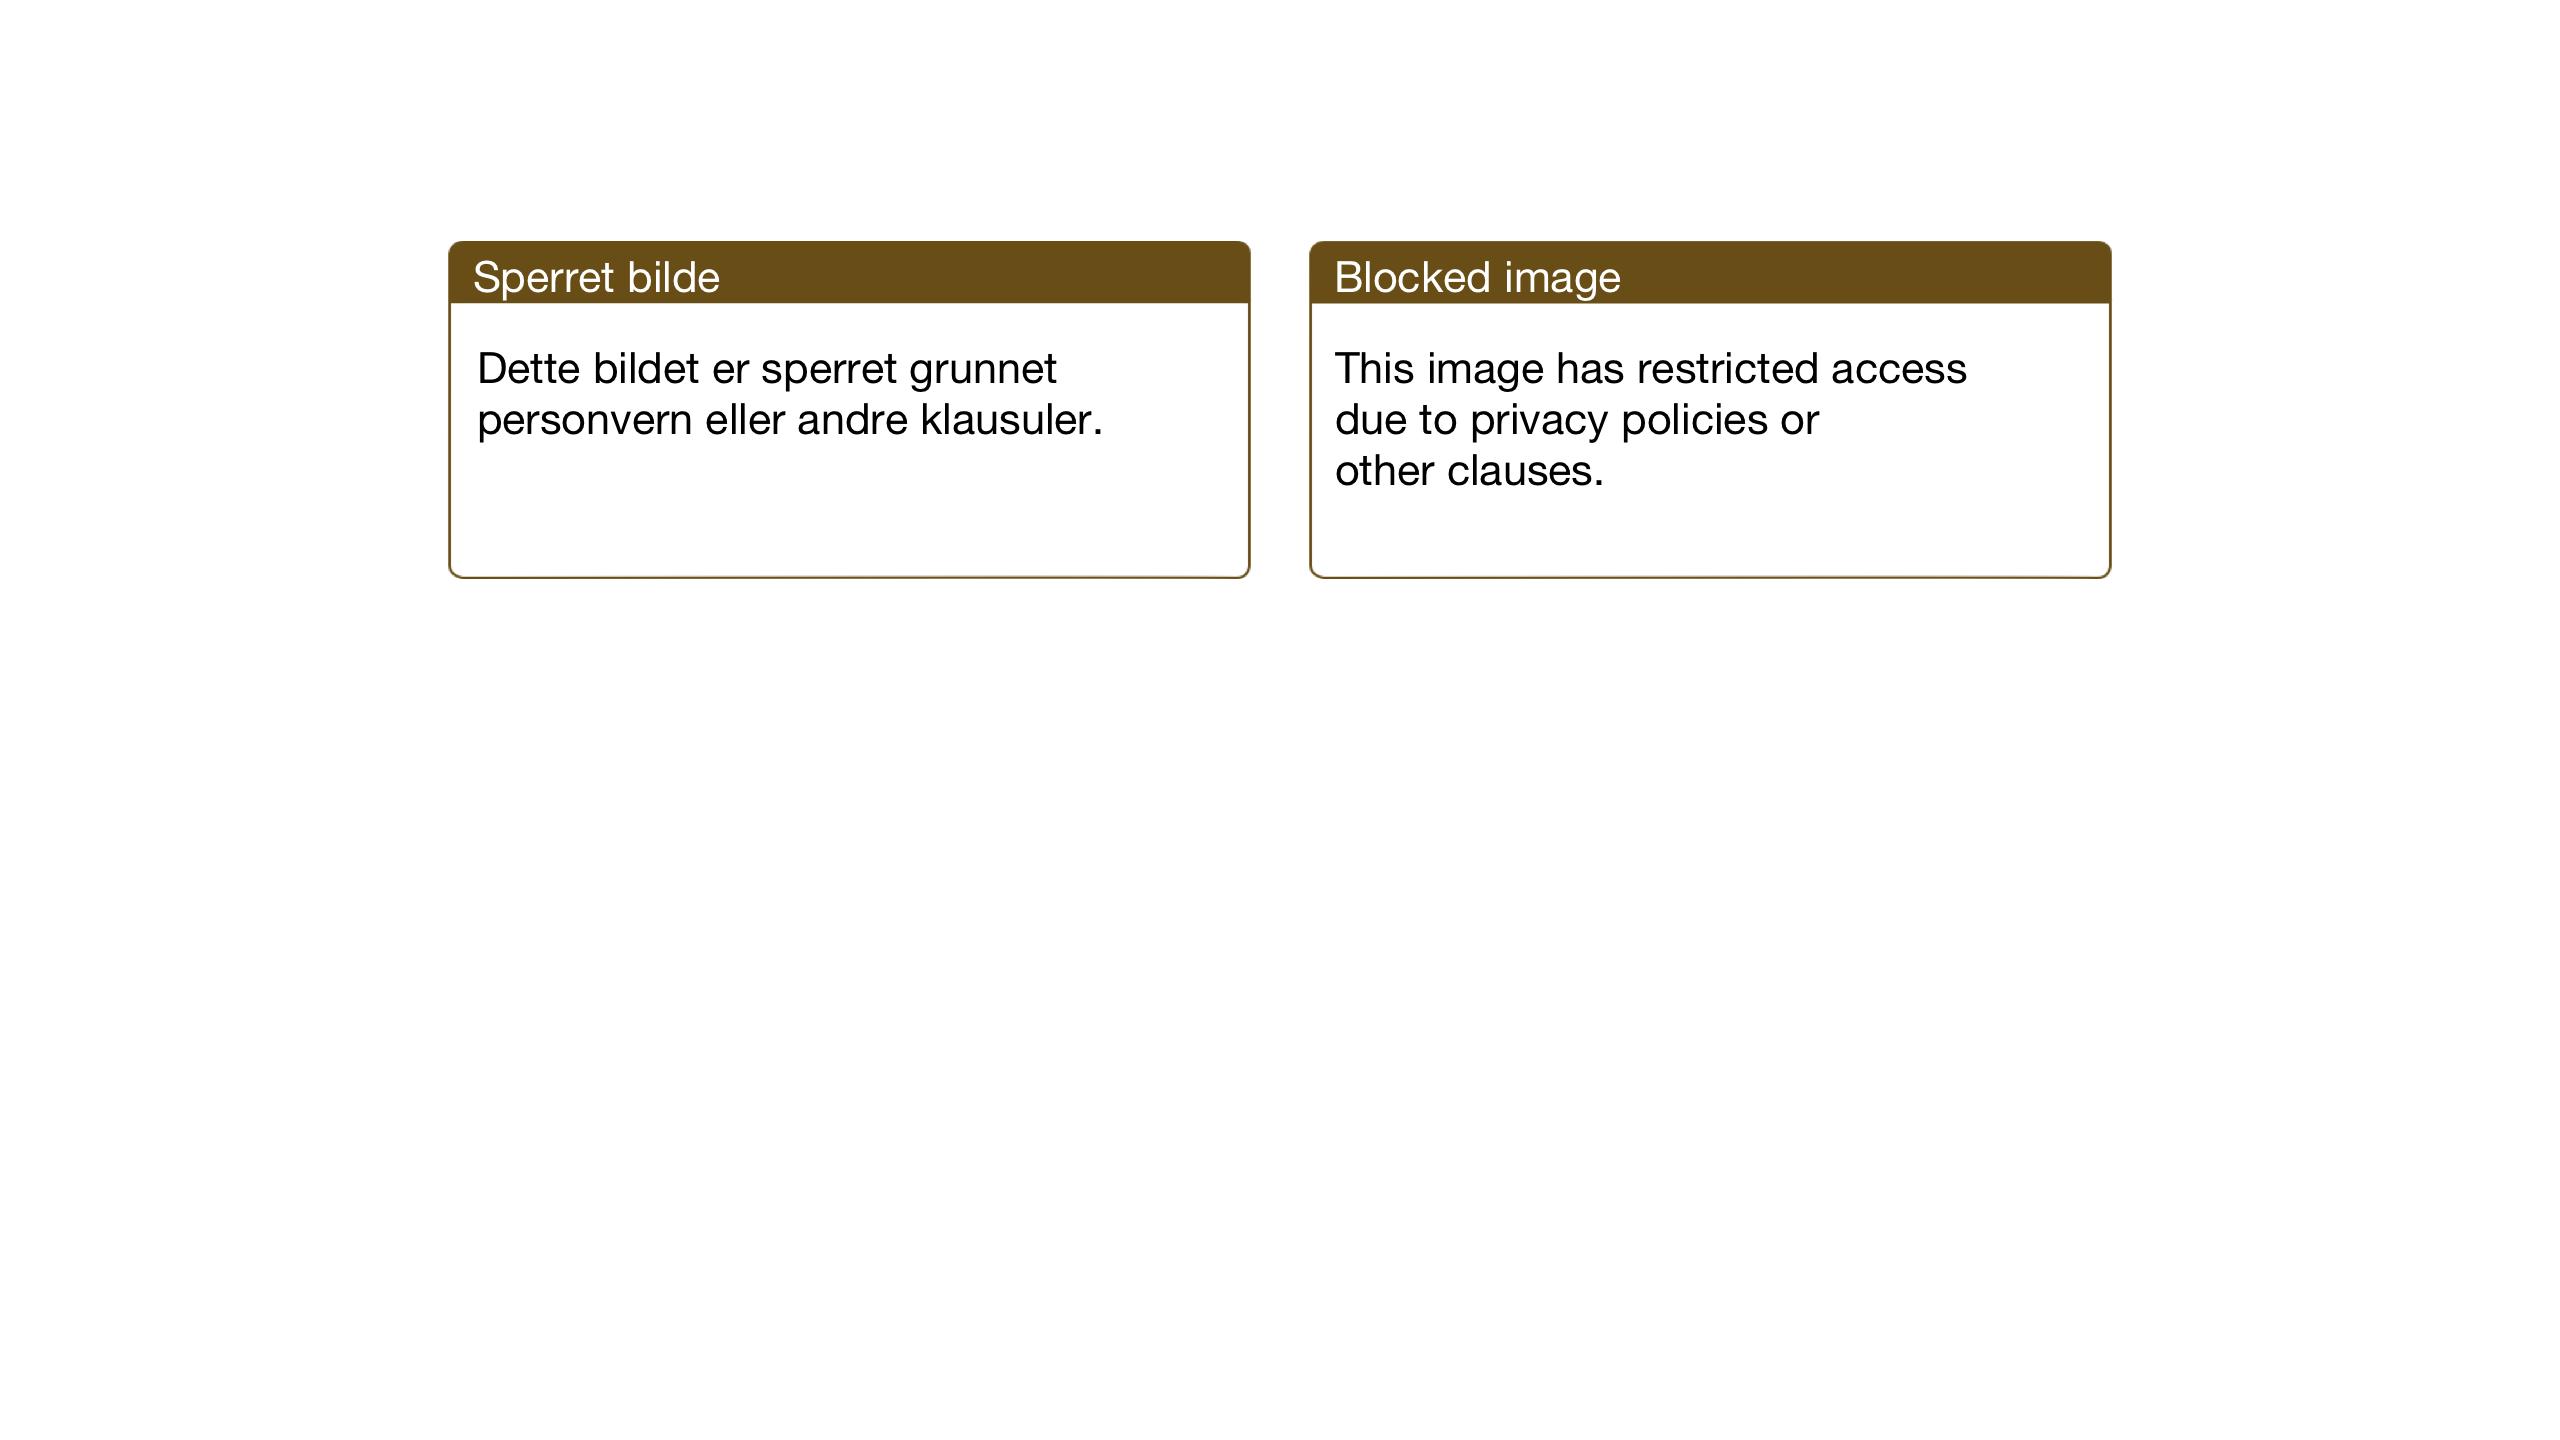 SAT, Ministerialprotokoller, klokkerbøker og fødselsregistre - Sør-Trøndelag, 690/L1053: Klokkerbok nr. 690C03, 1930-1947, s. 17